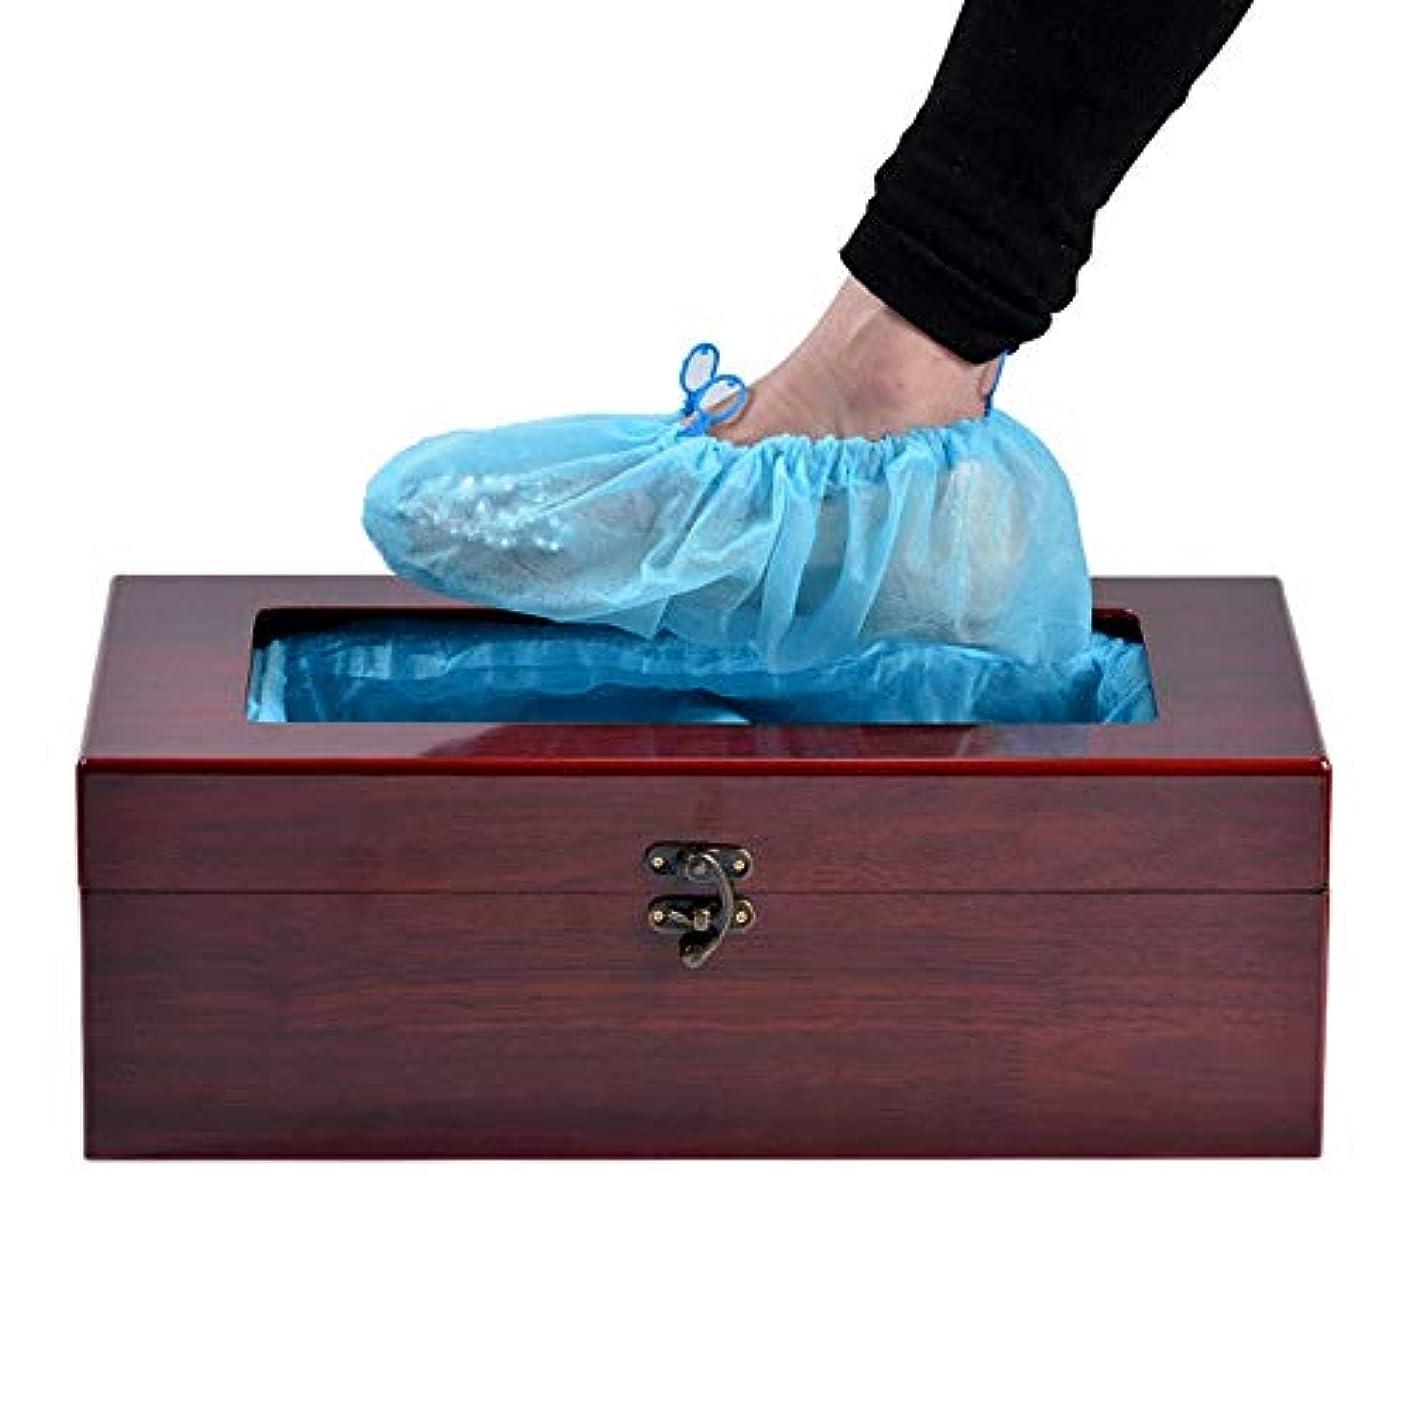 腐った魅力的口ひげ新しい靴カバーマシン新しいホーム自動インテリジェントオフィス靴マシン使い捨て靴カバーマシンフットカバーマシンフィルムマシン